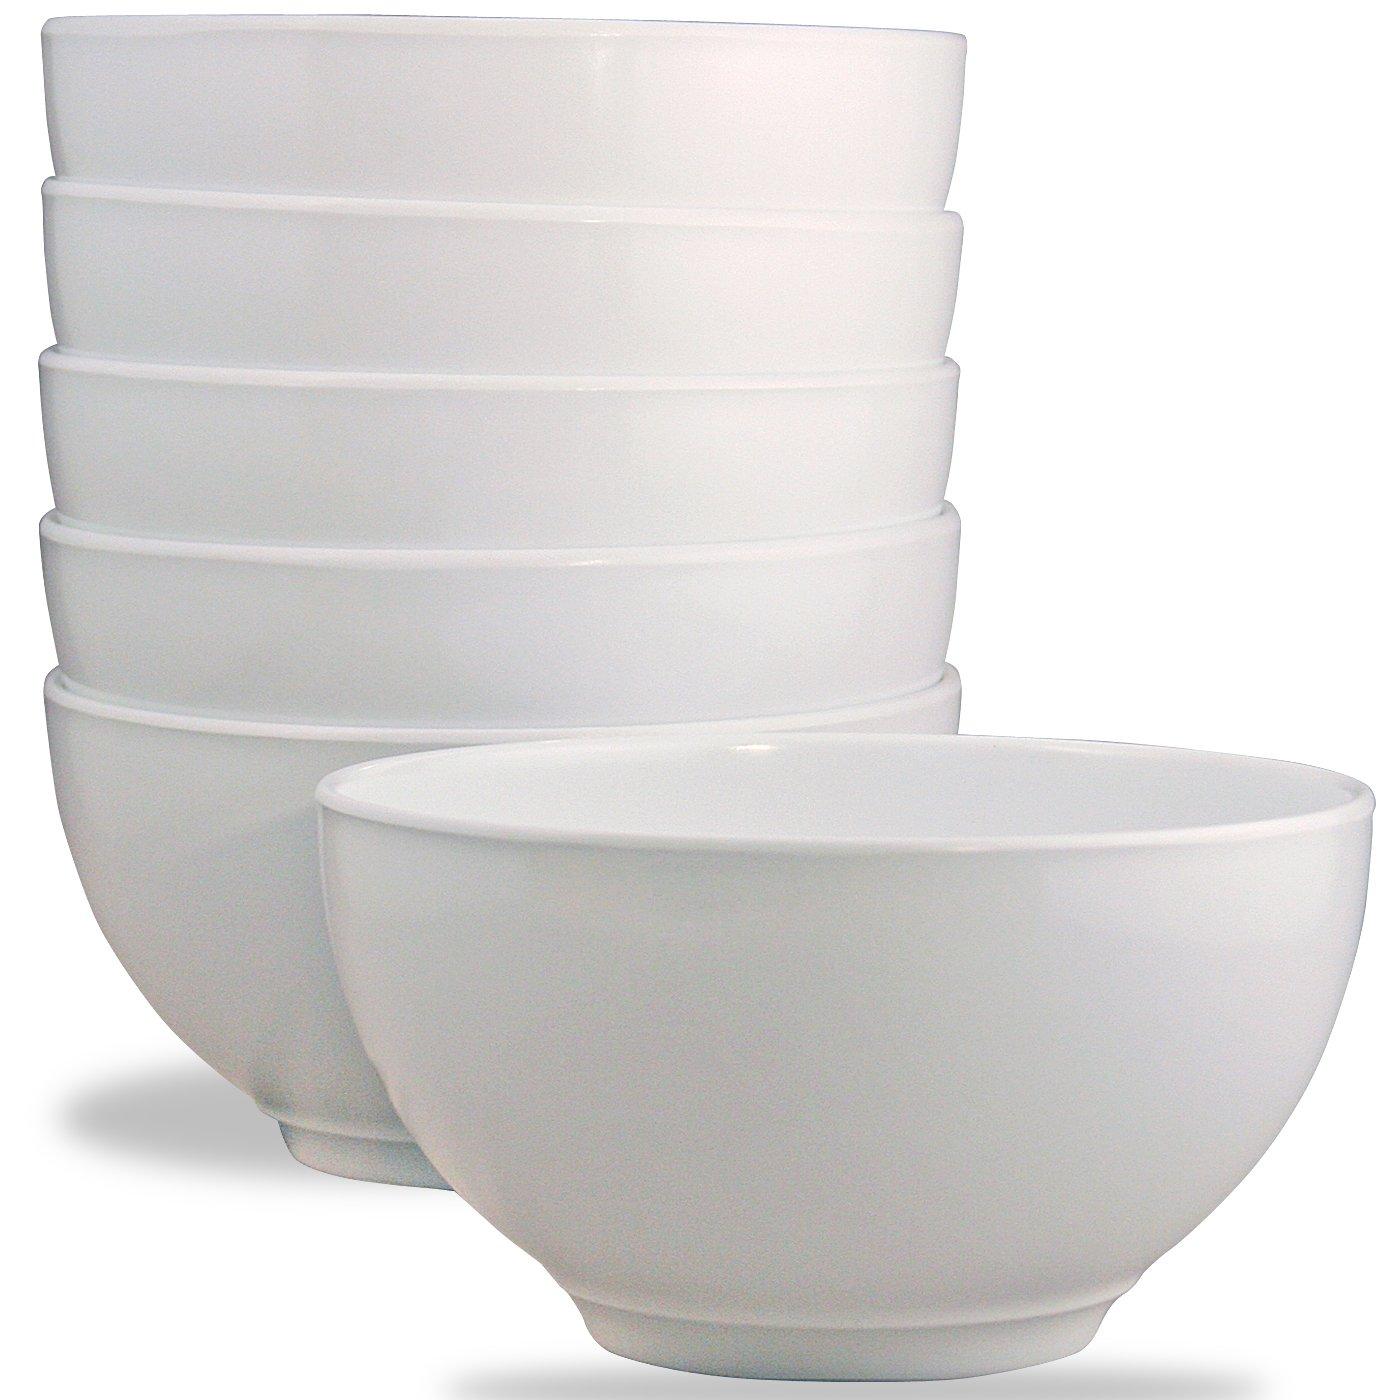 Calypso Basics by Reston Lloyd Melamine Bowl, Set of 6, White